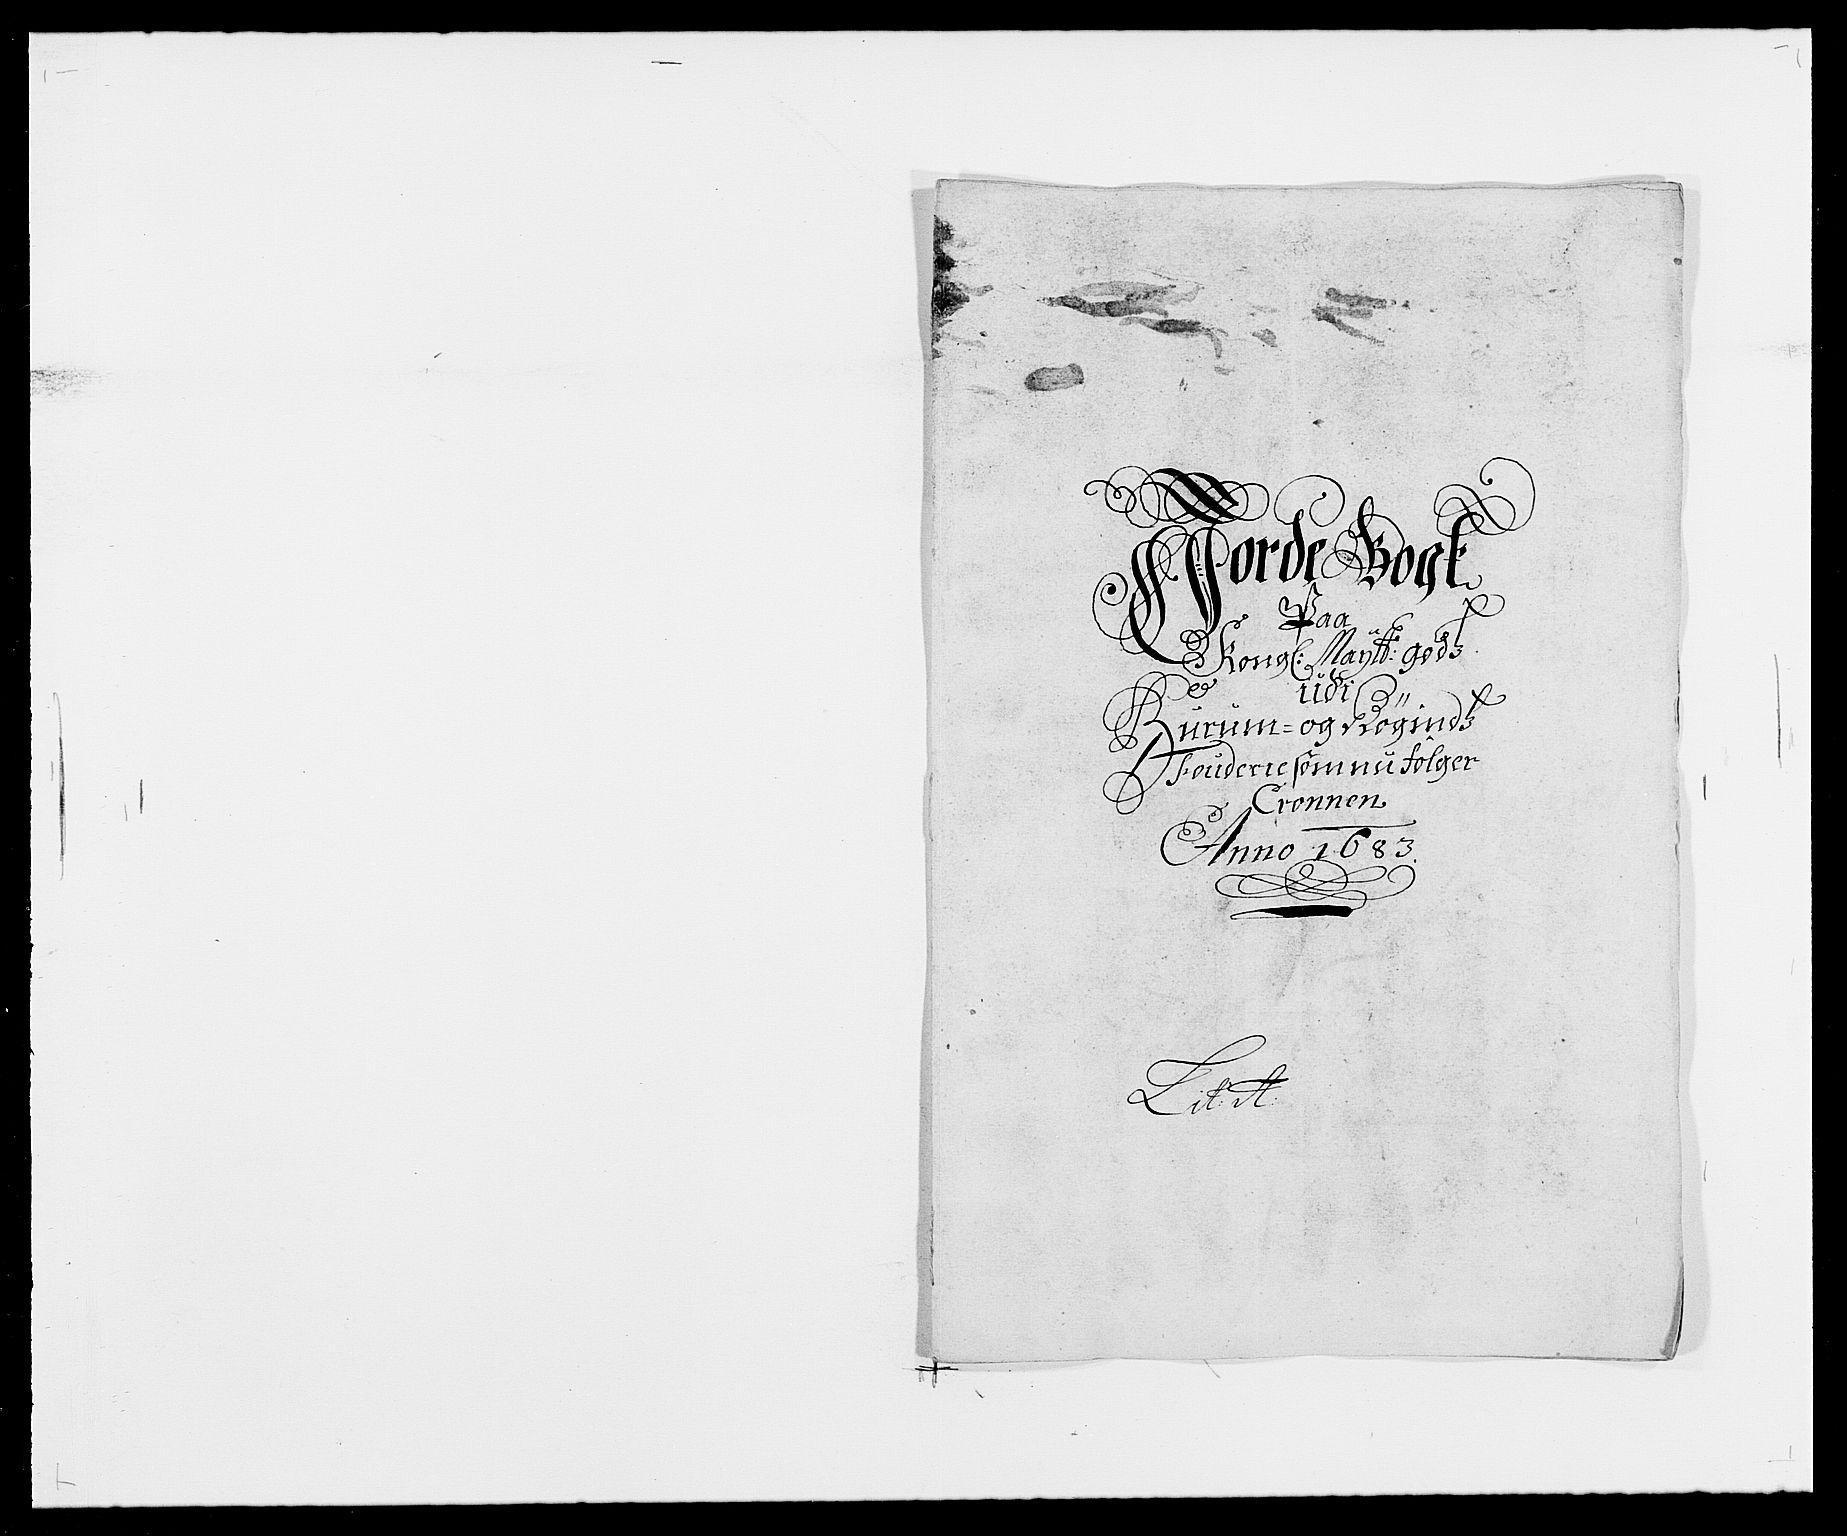 RA, Rentekammeret inntil 1814, Reviderte regnskaper, Fogderegnskap, R29/L1692: Fogderegnskap Hurum og Røyken, 1682-1687, s. 114